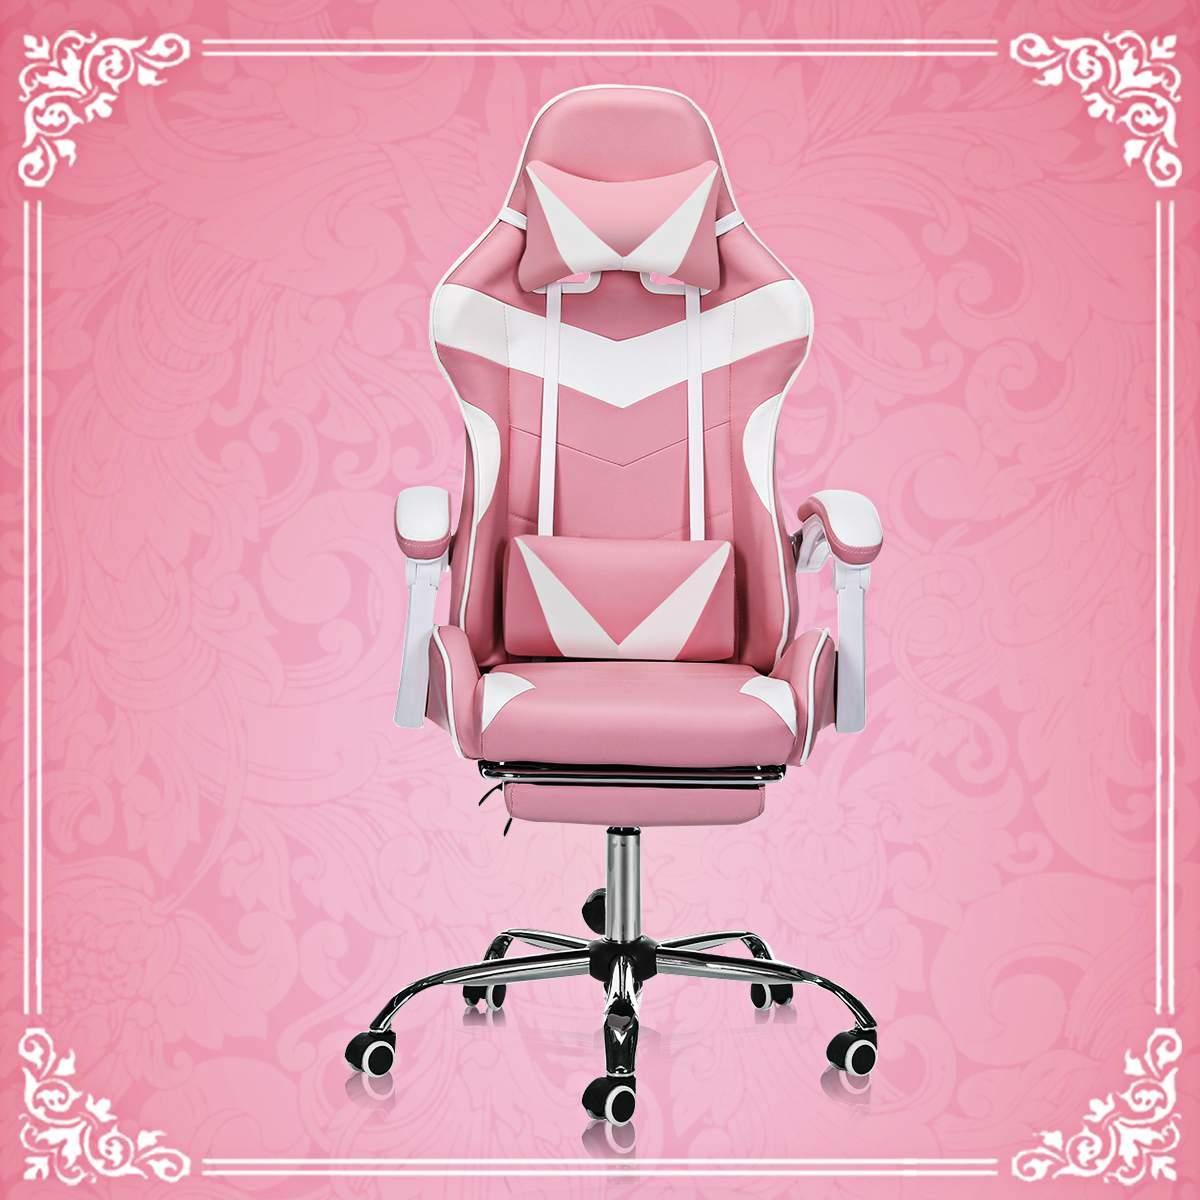 كرسي الكمبيوتر المكتبية WCG كرسي ألعاب الفيديو الوردي سيلا مكتب جلدي كرسي الإنترنت مقهى كرسي ألعاب كرسي كرسي مكتب المنزلية